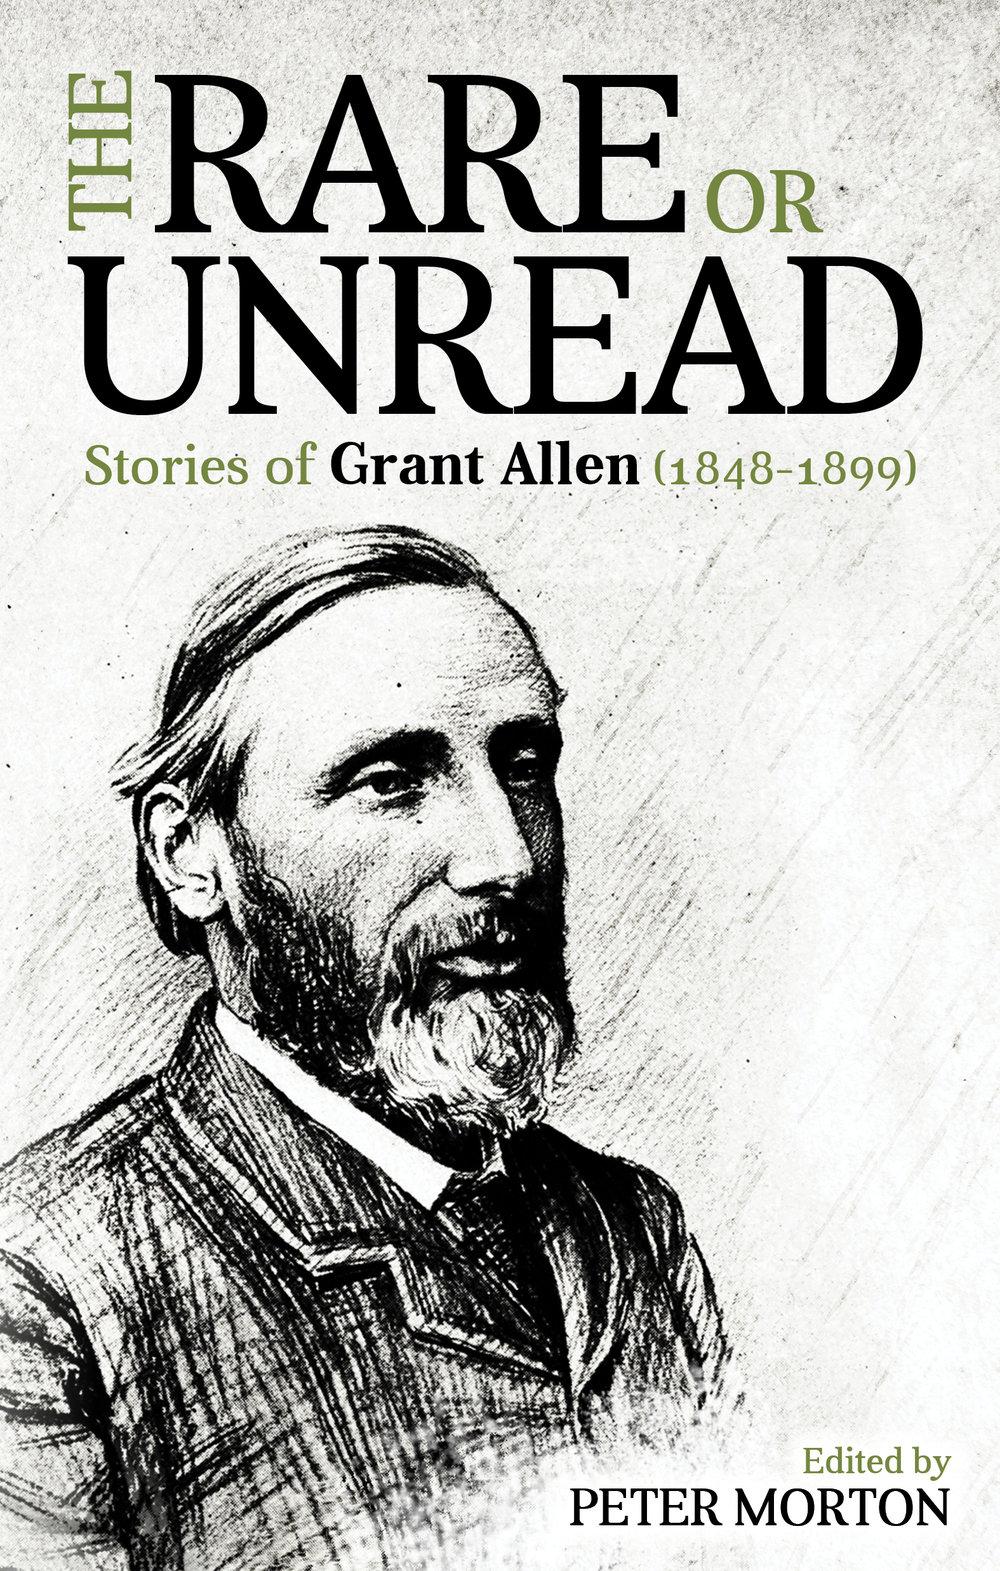 The Rare or Unread - Grant Allen - eBook.jpg